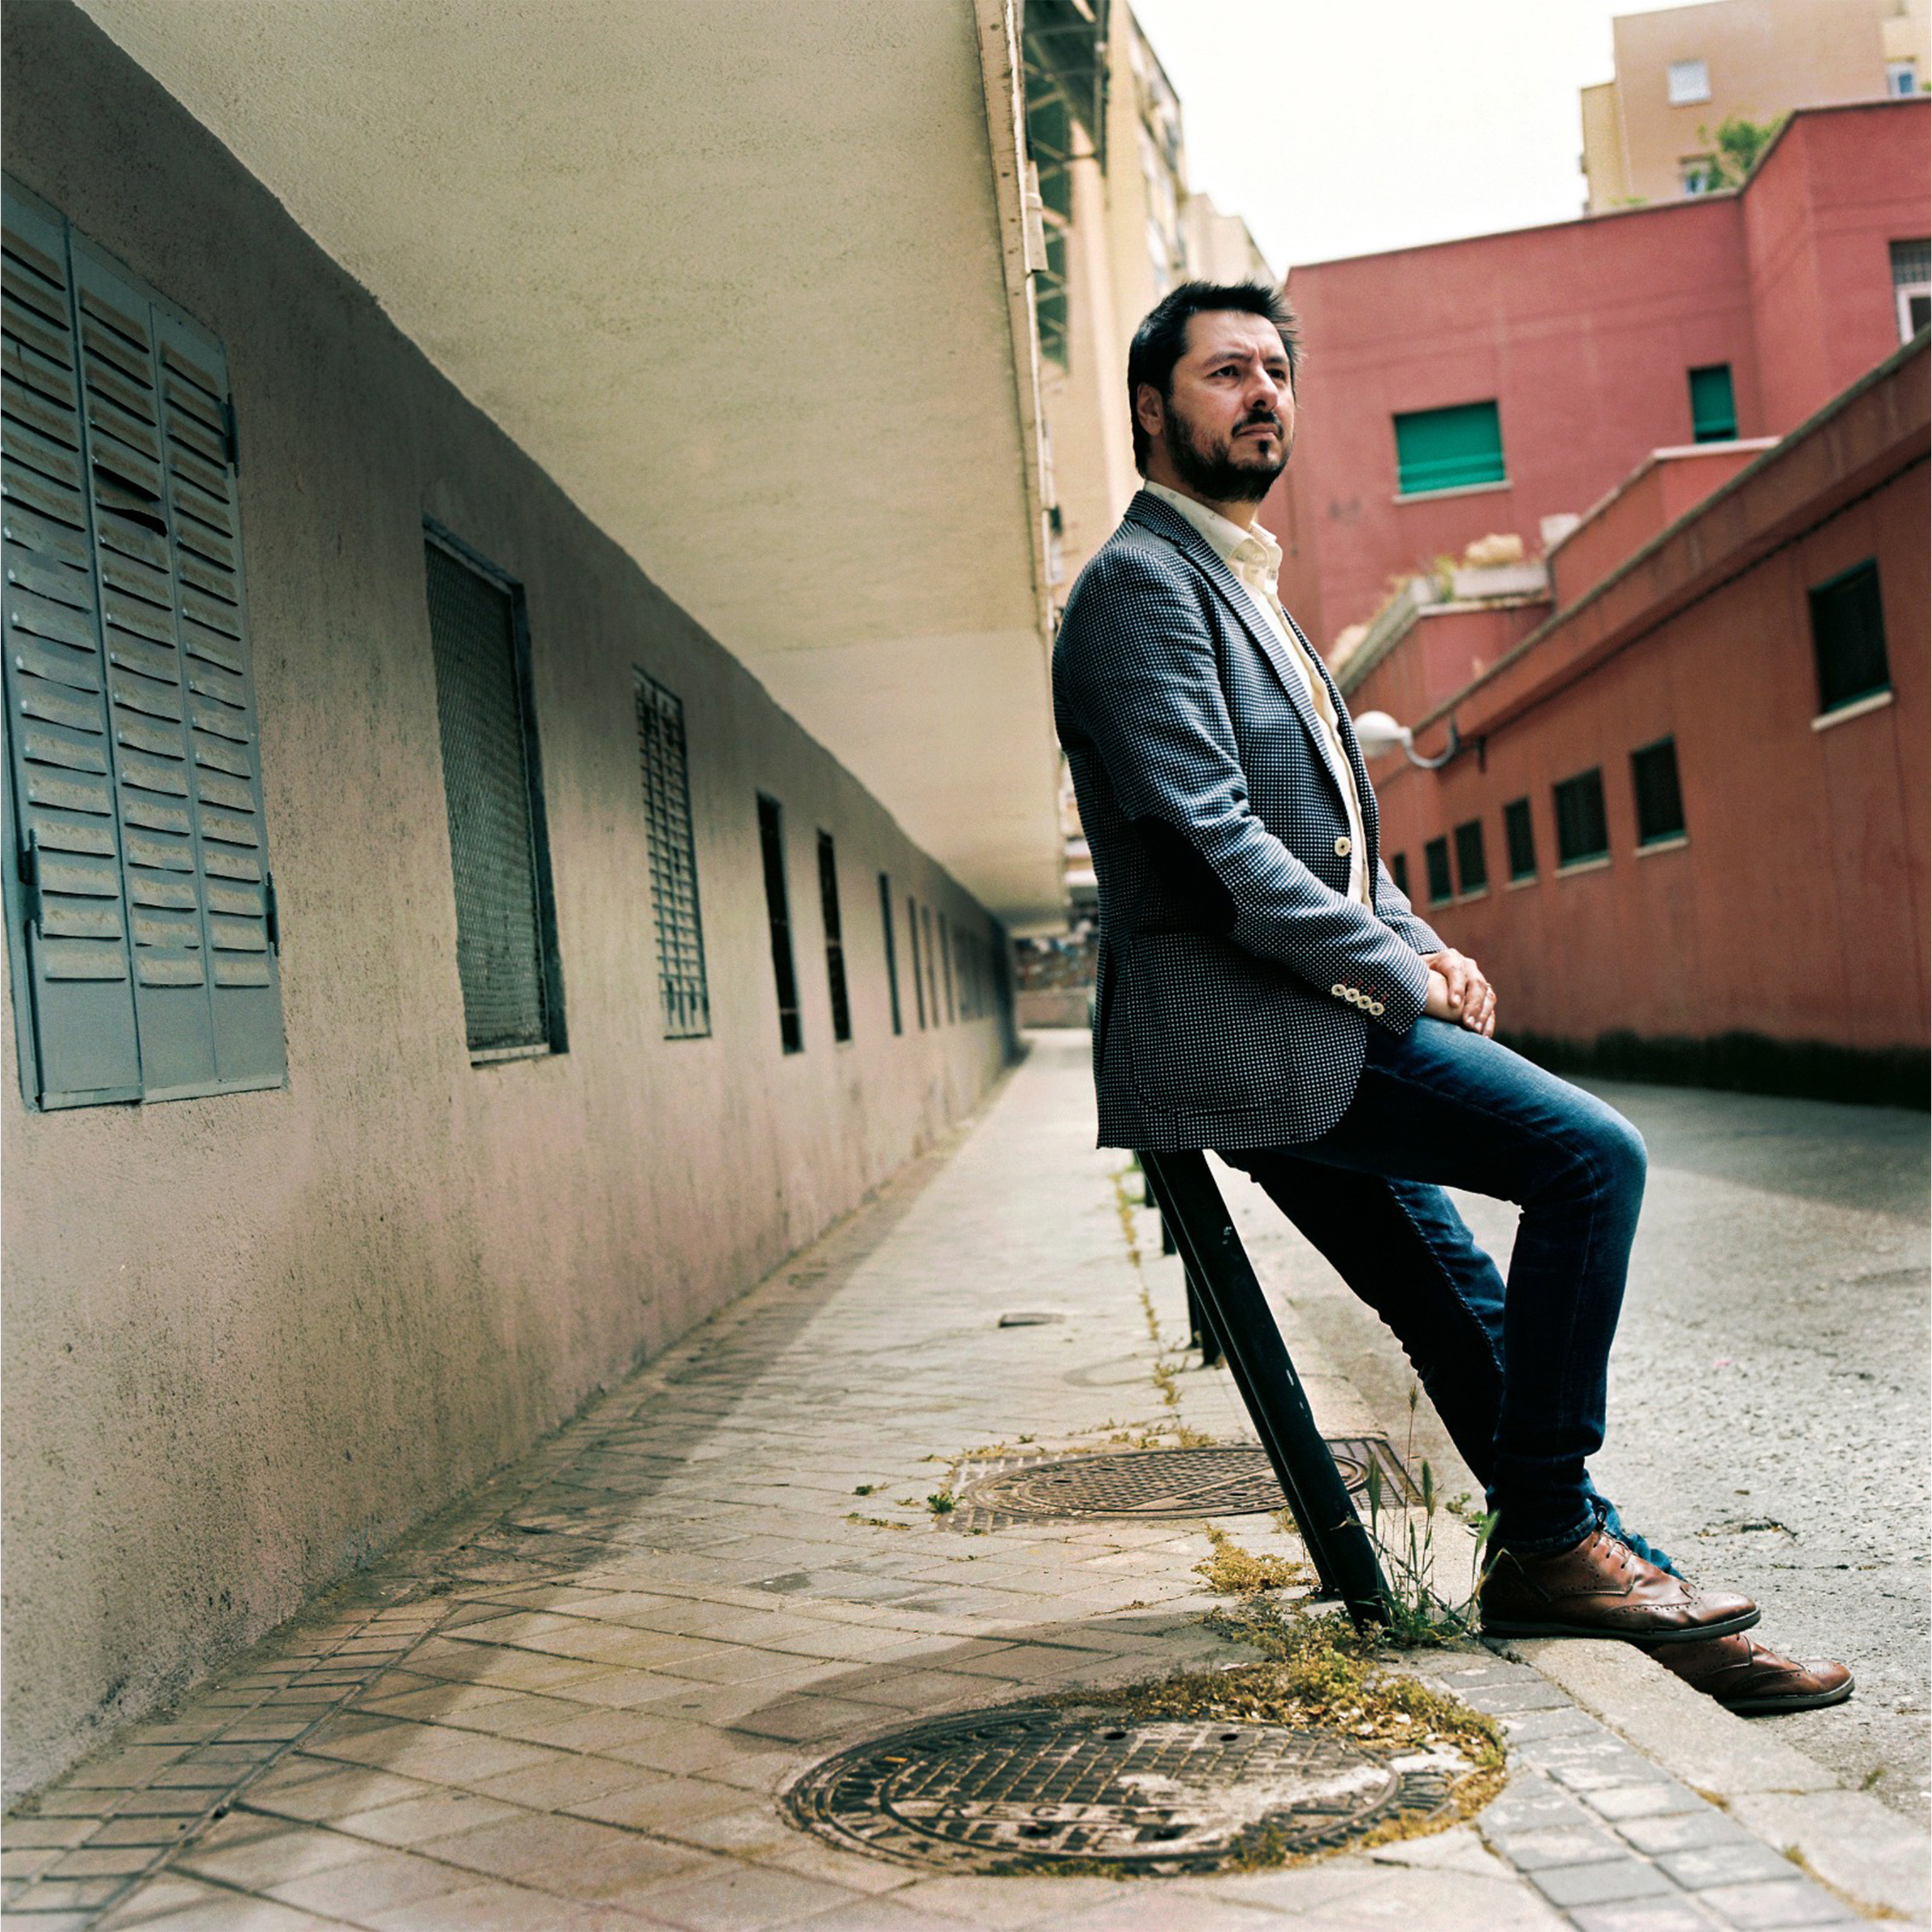 El articulista y poeta Antonio Lucas